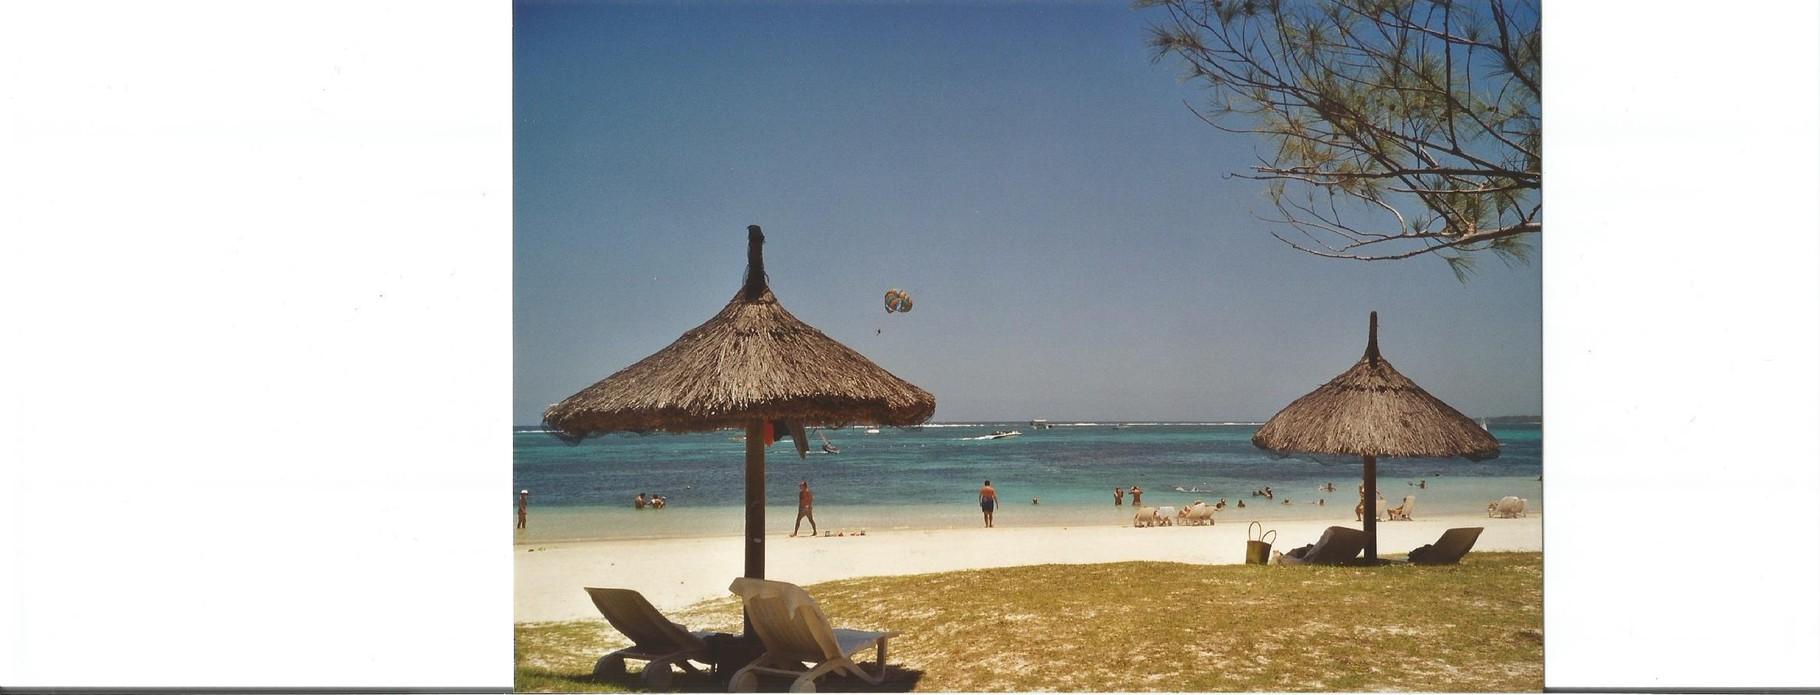 plage de ile Maurice